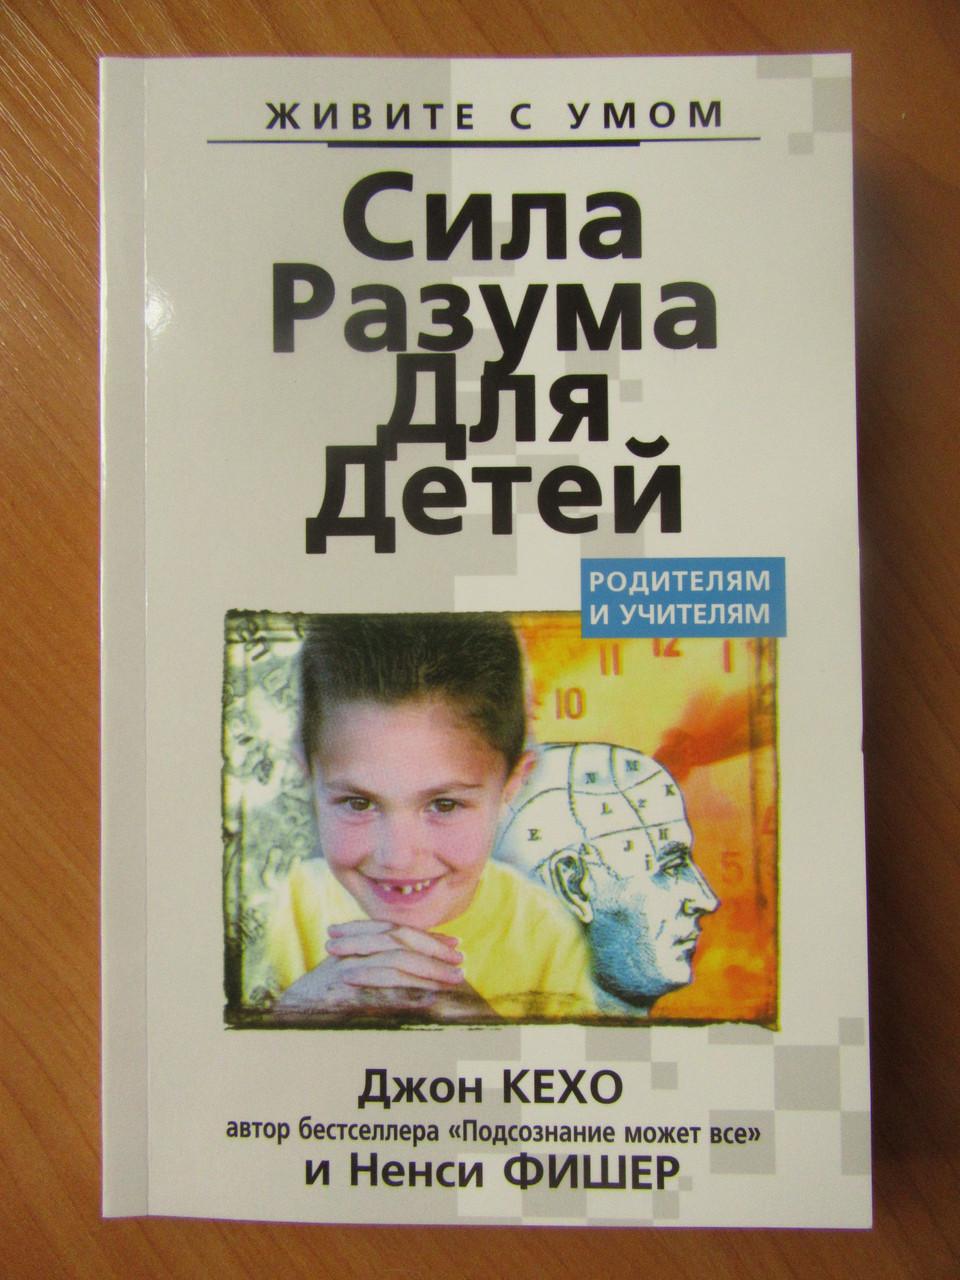 Джон Кехо. Сила разума для детей